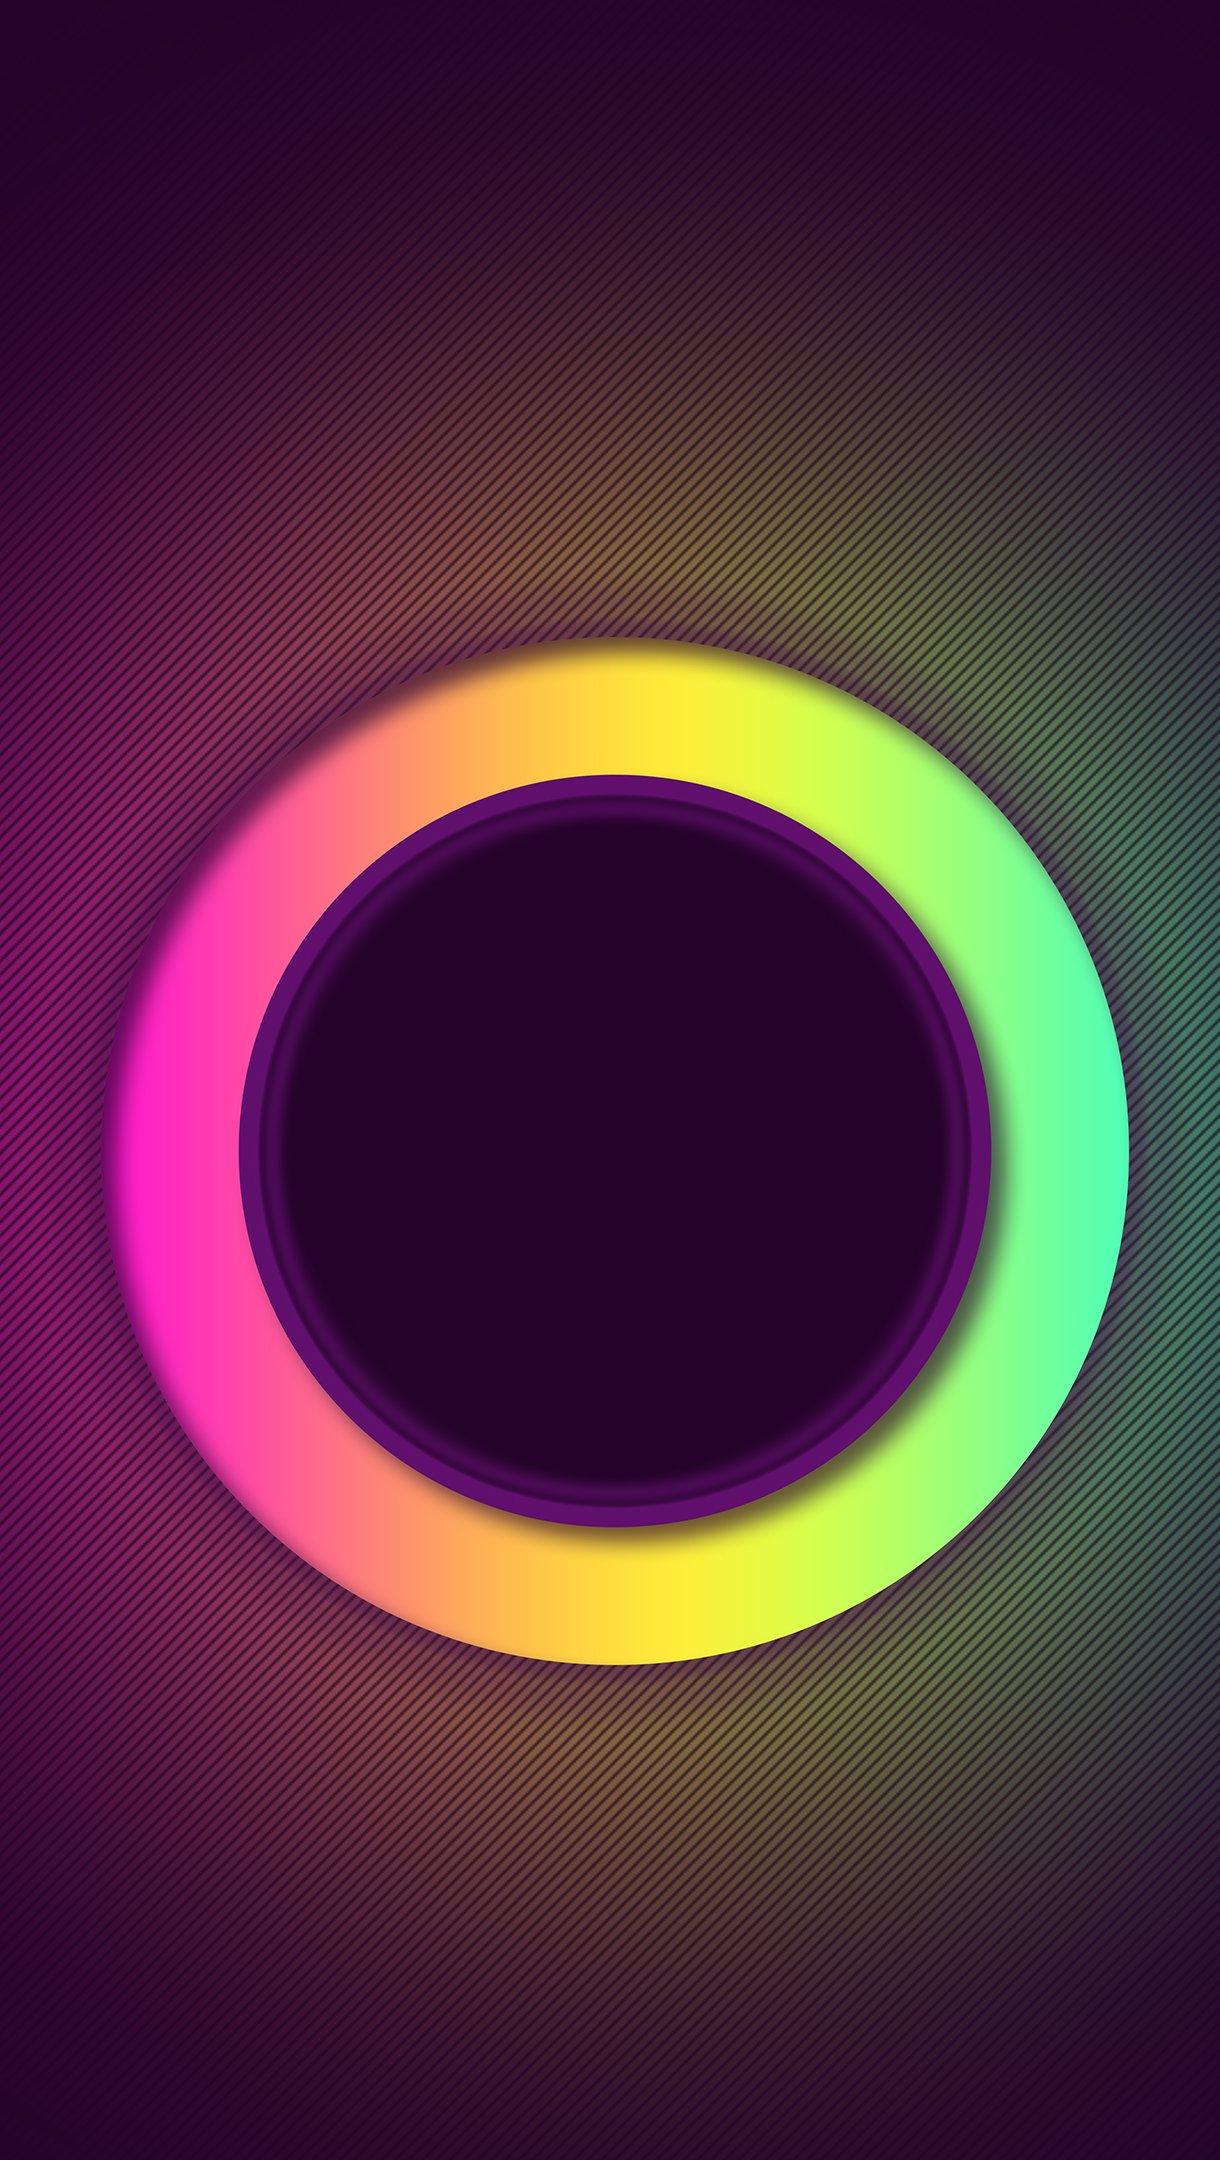 Fondos de pantalla Anillo de colores Vertical